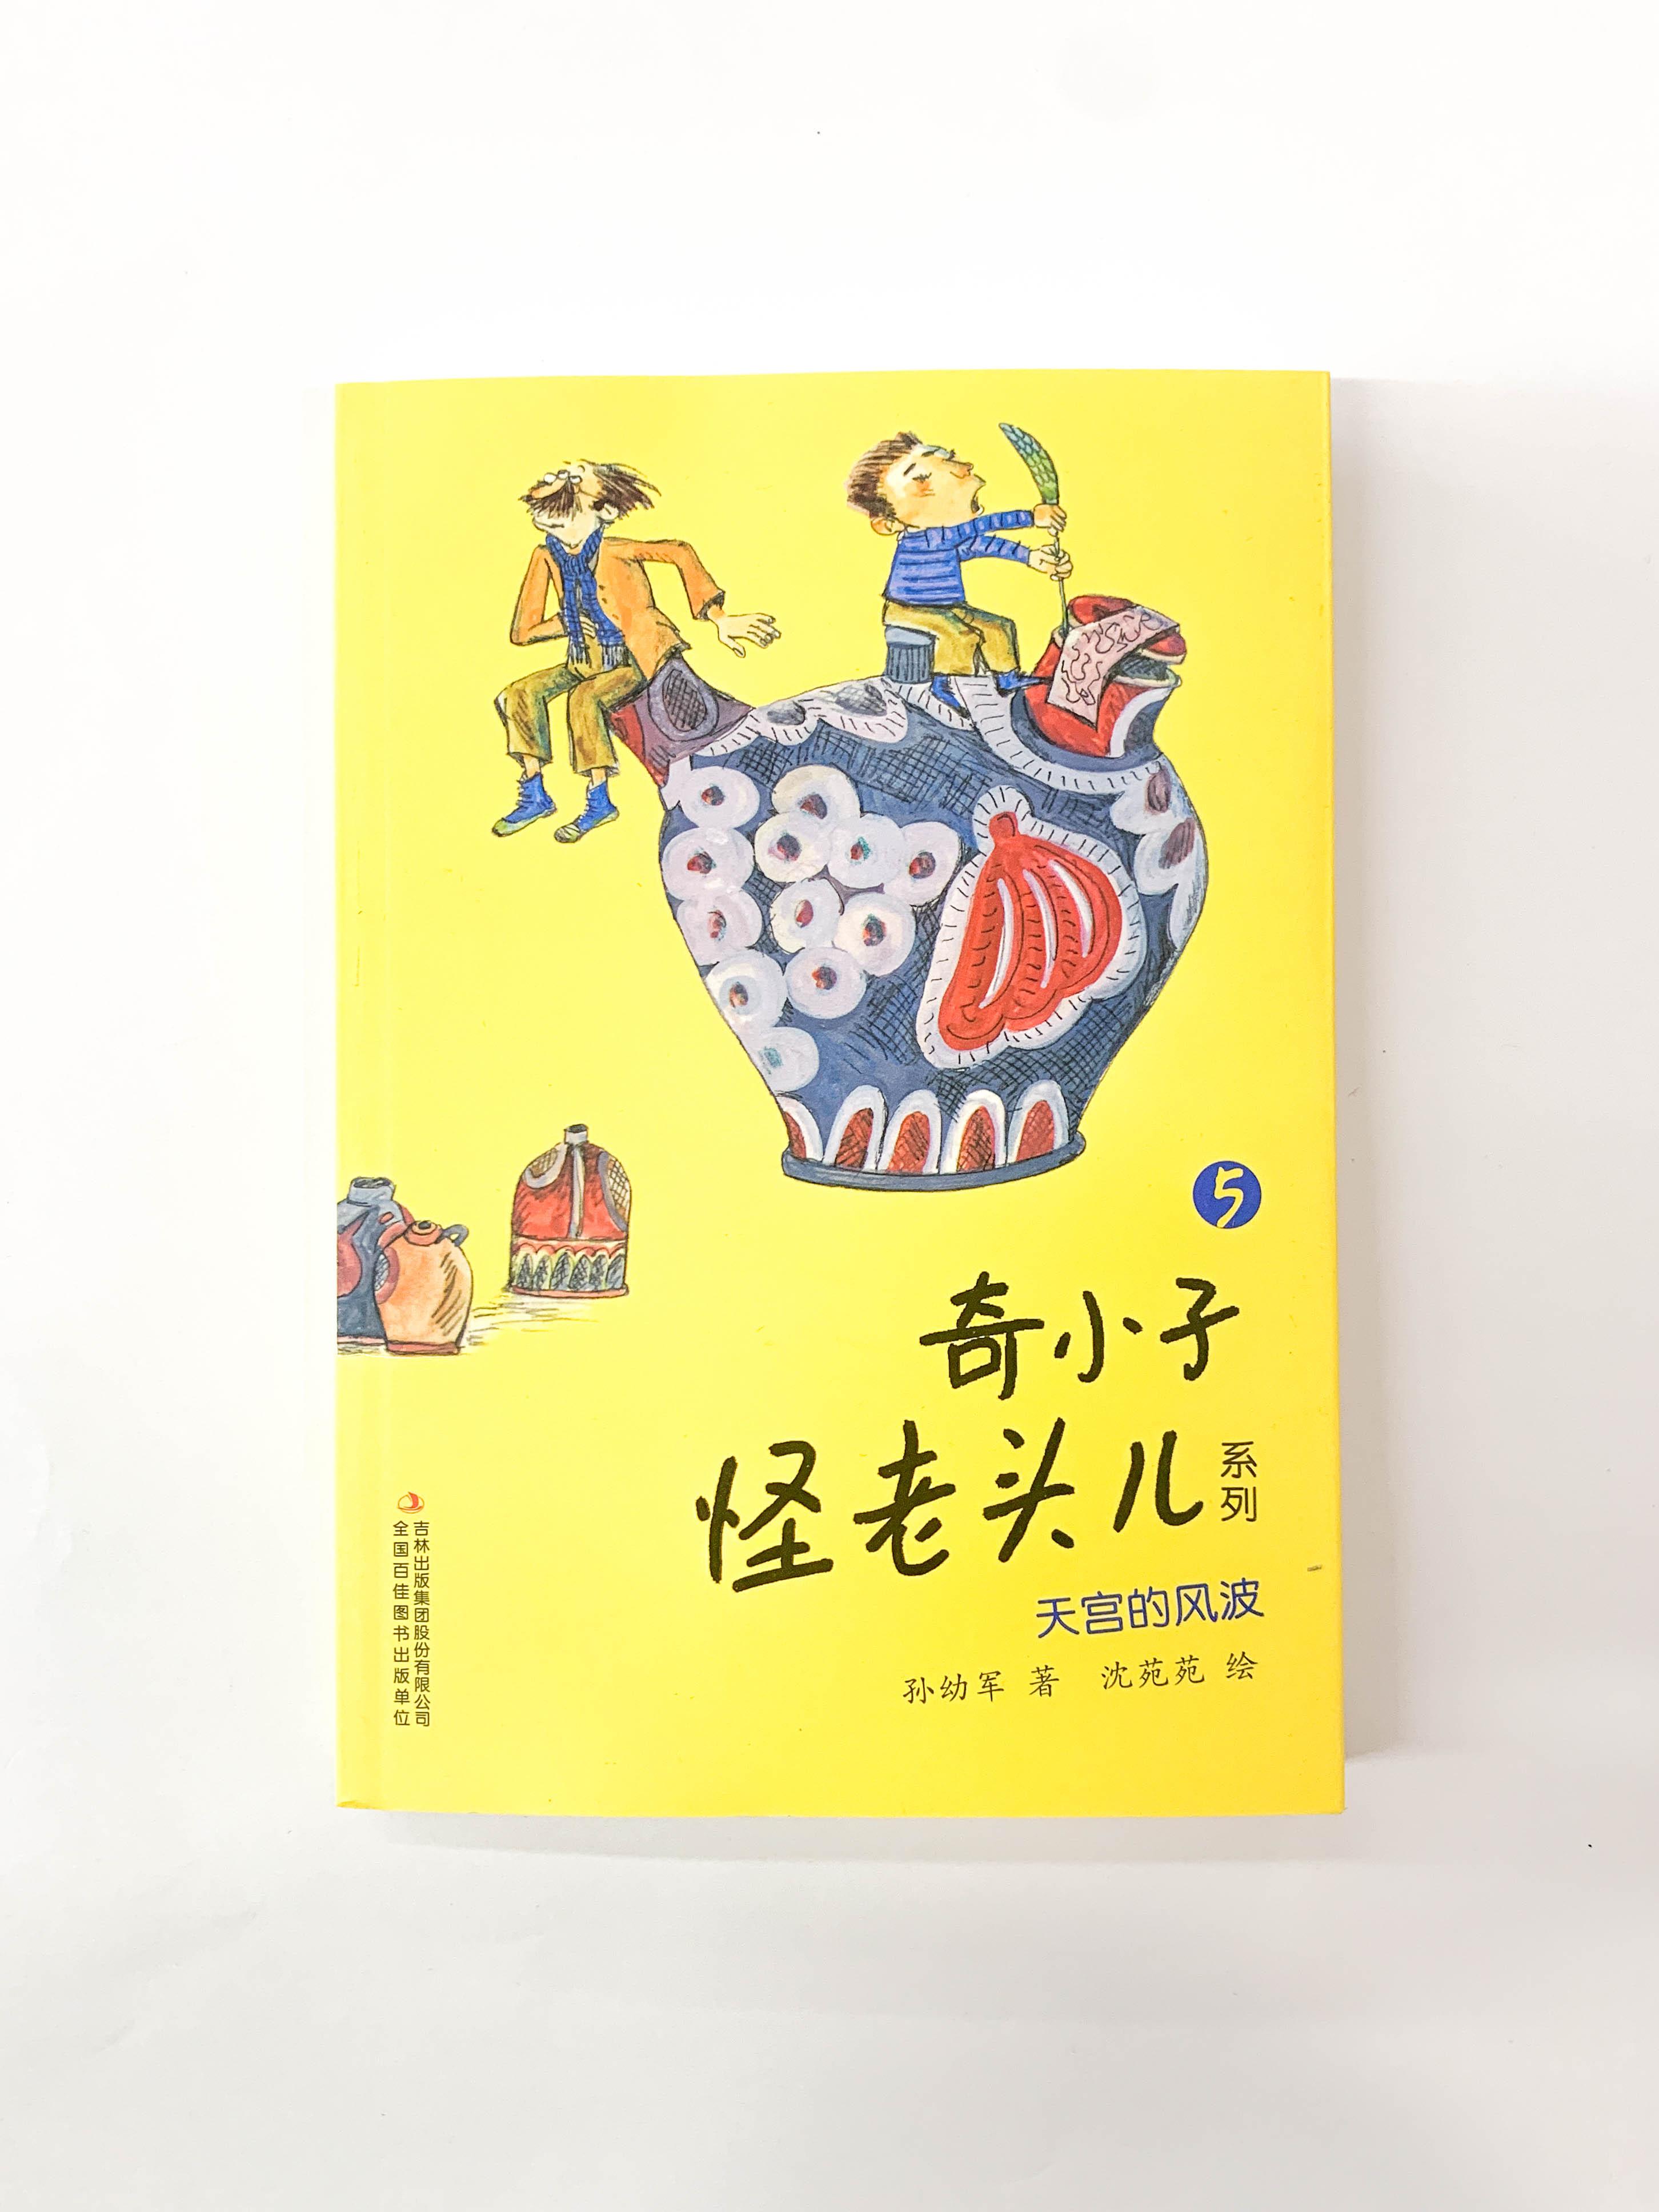 长春市博锐文化传媒有限公司:孩子读书的好处有哪些呢